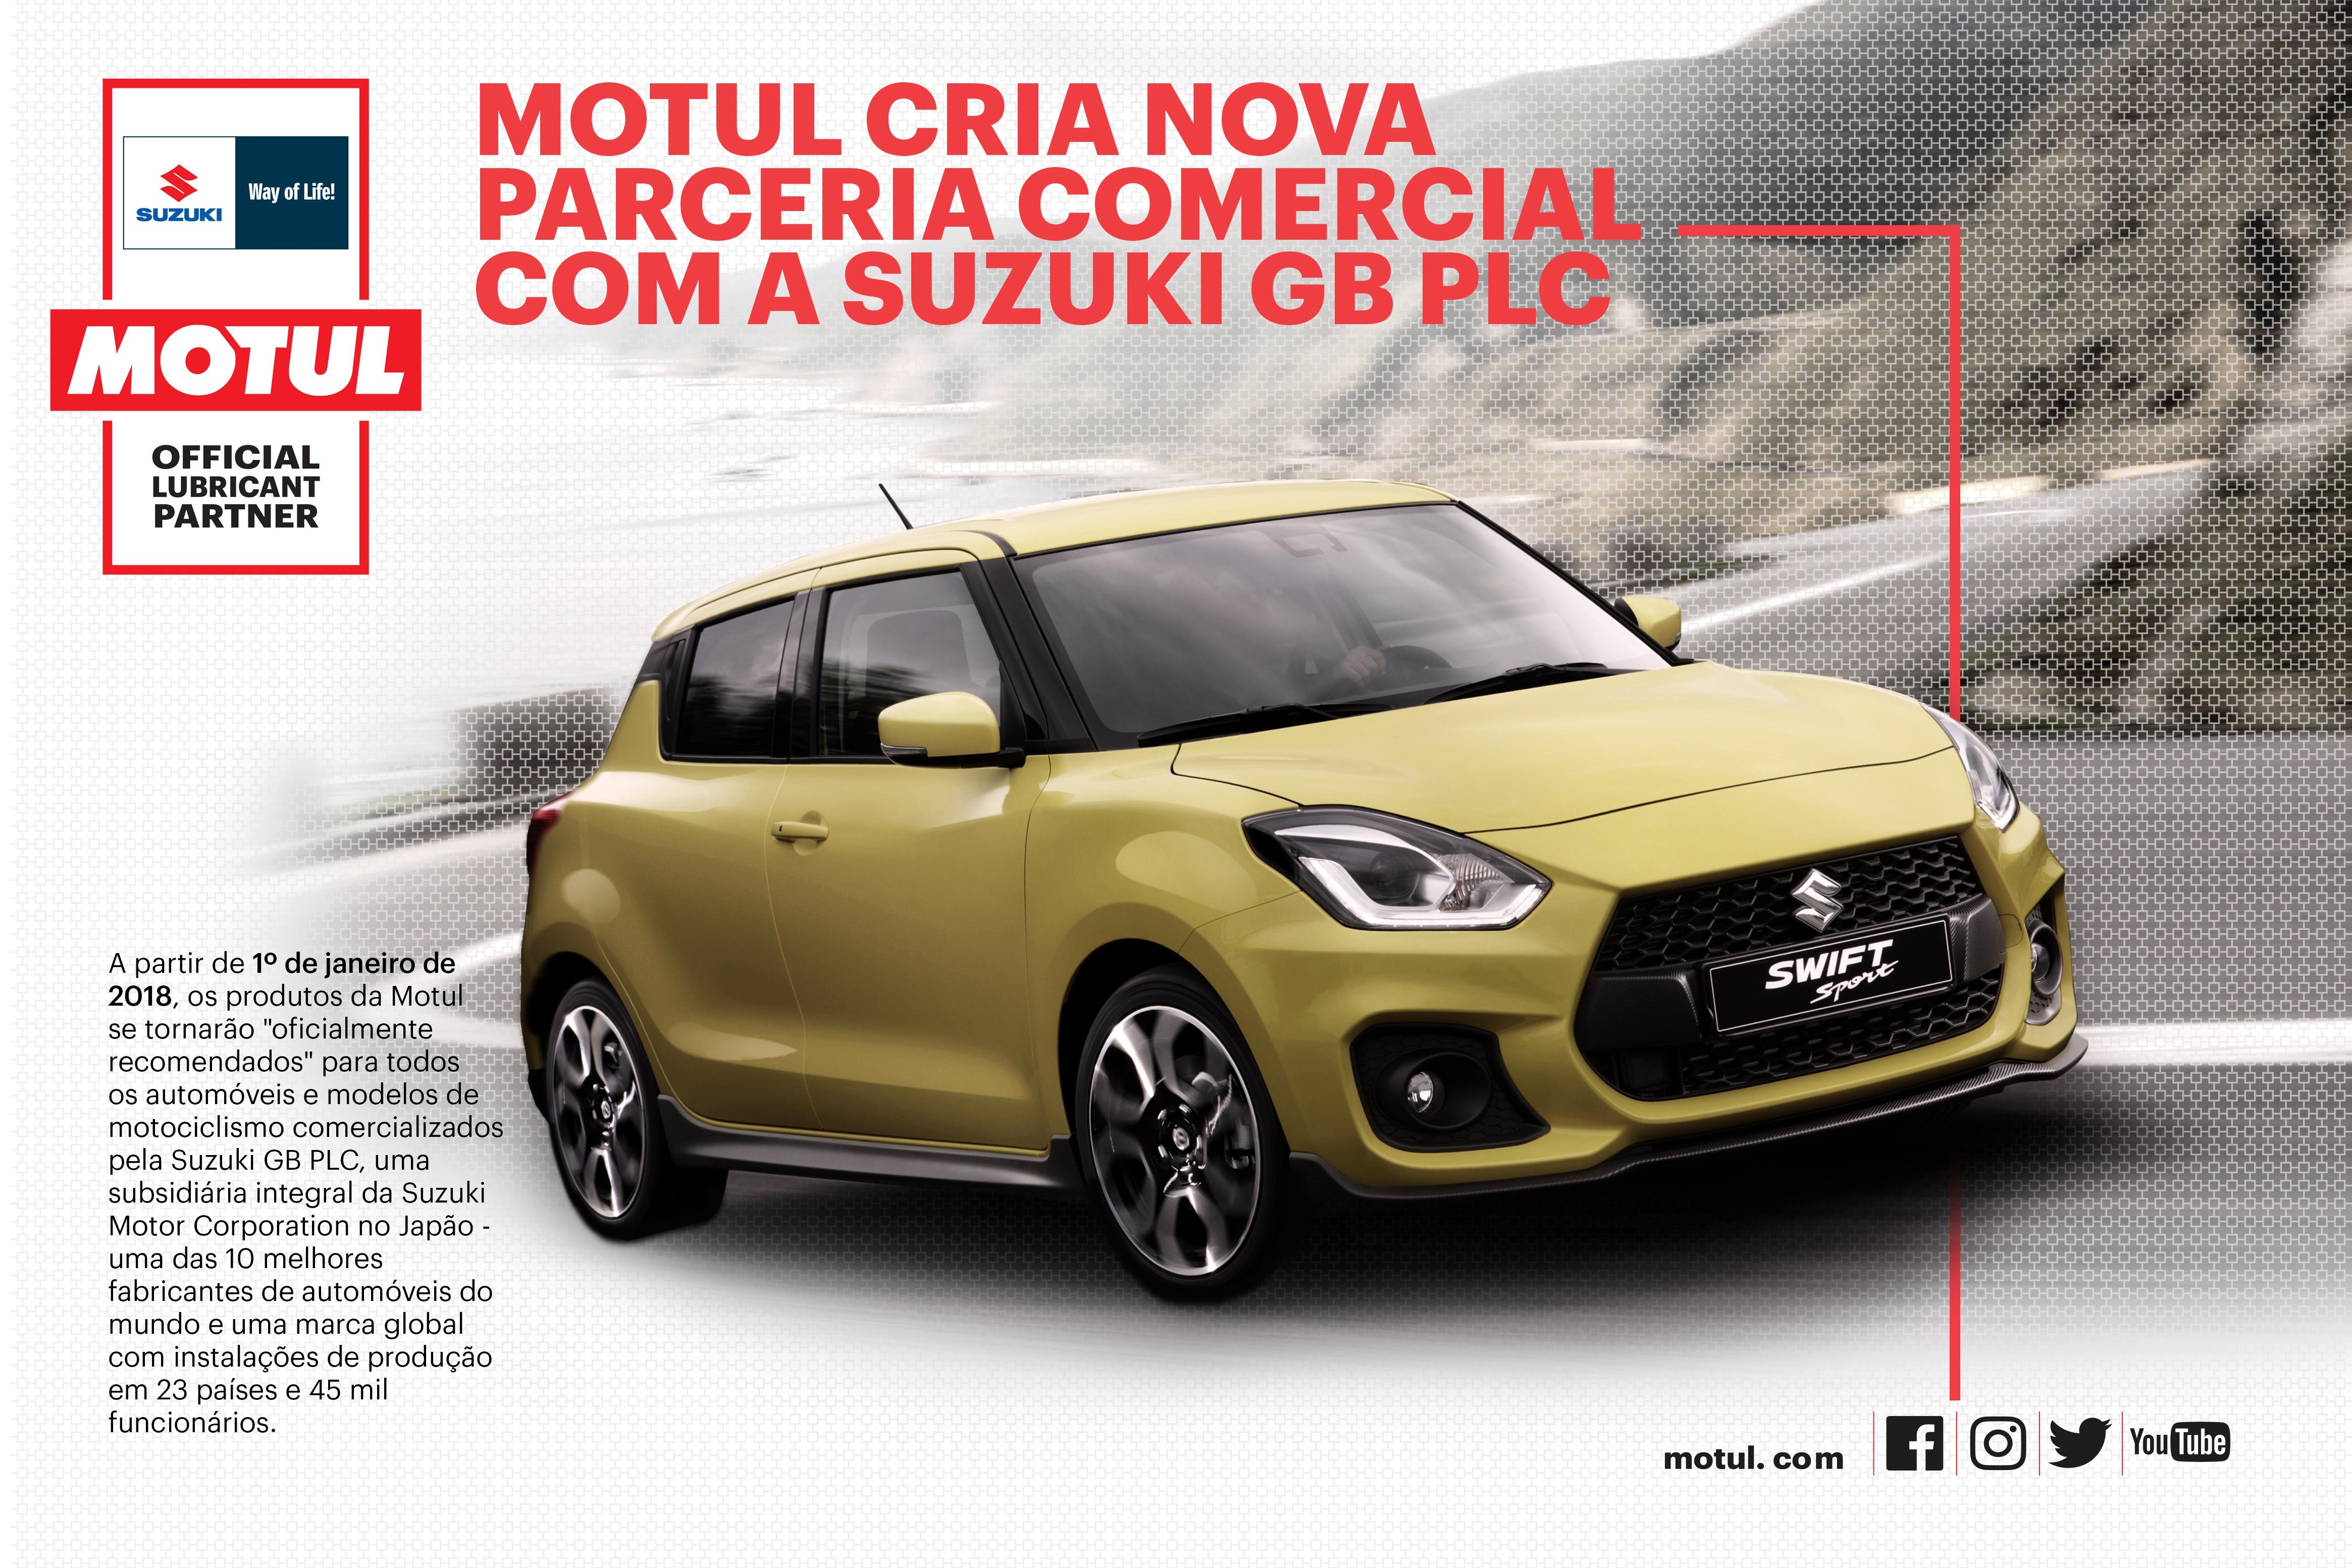 A Motul em uma nova parceria com a Suzuki GB PLC